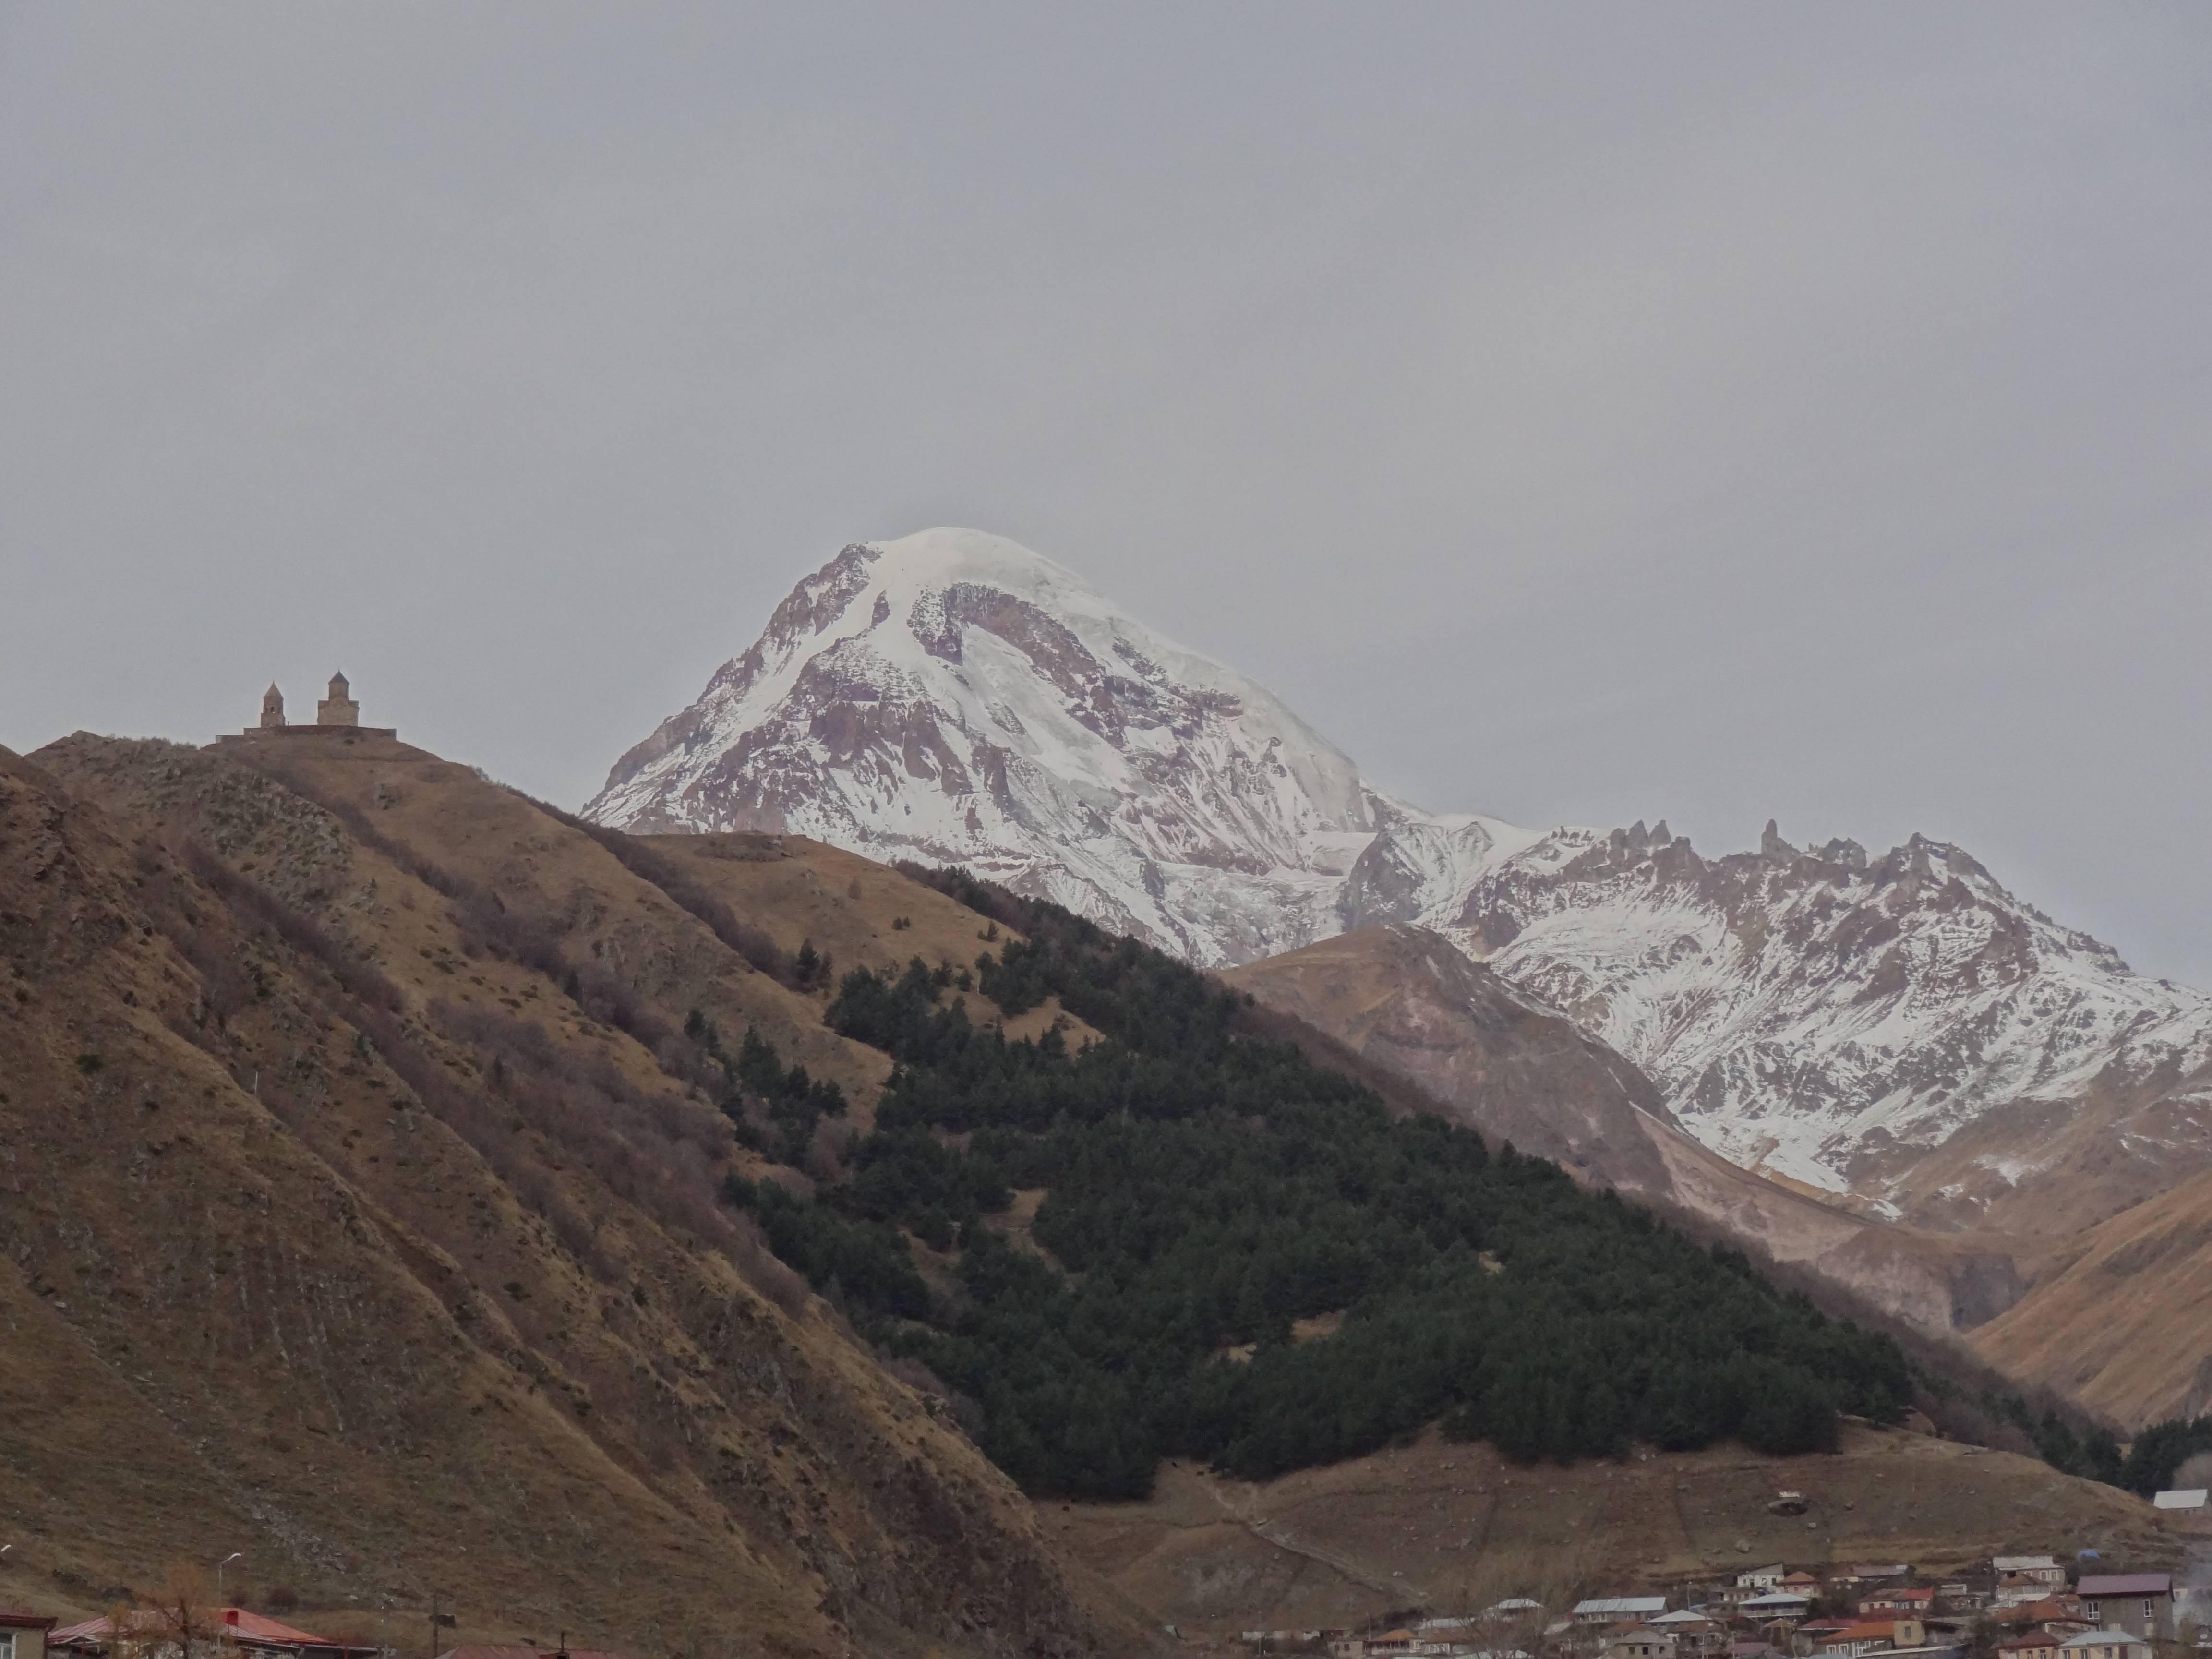 Photo 3: Dans le Caucase géorgien